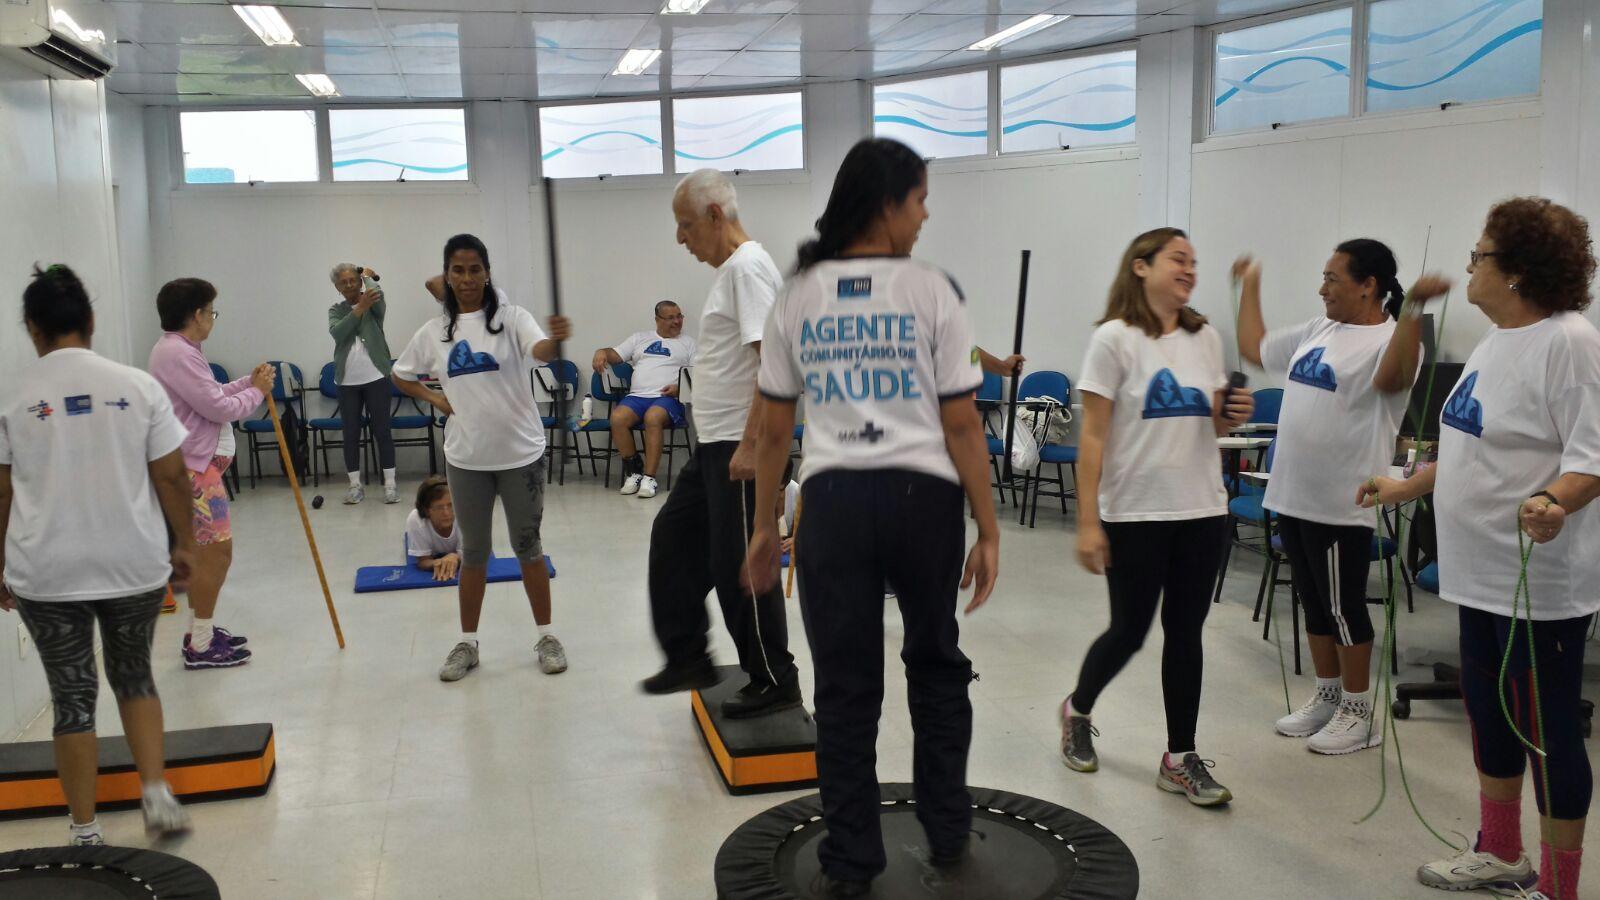 Circuito Na Academia : Aula de circuito com a academia carioca clínica da família nildo